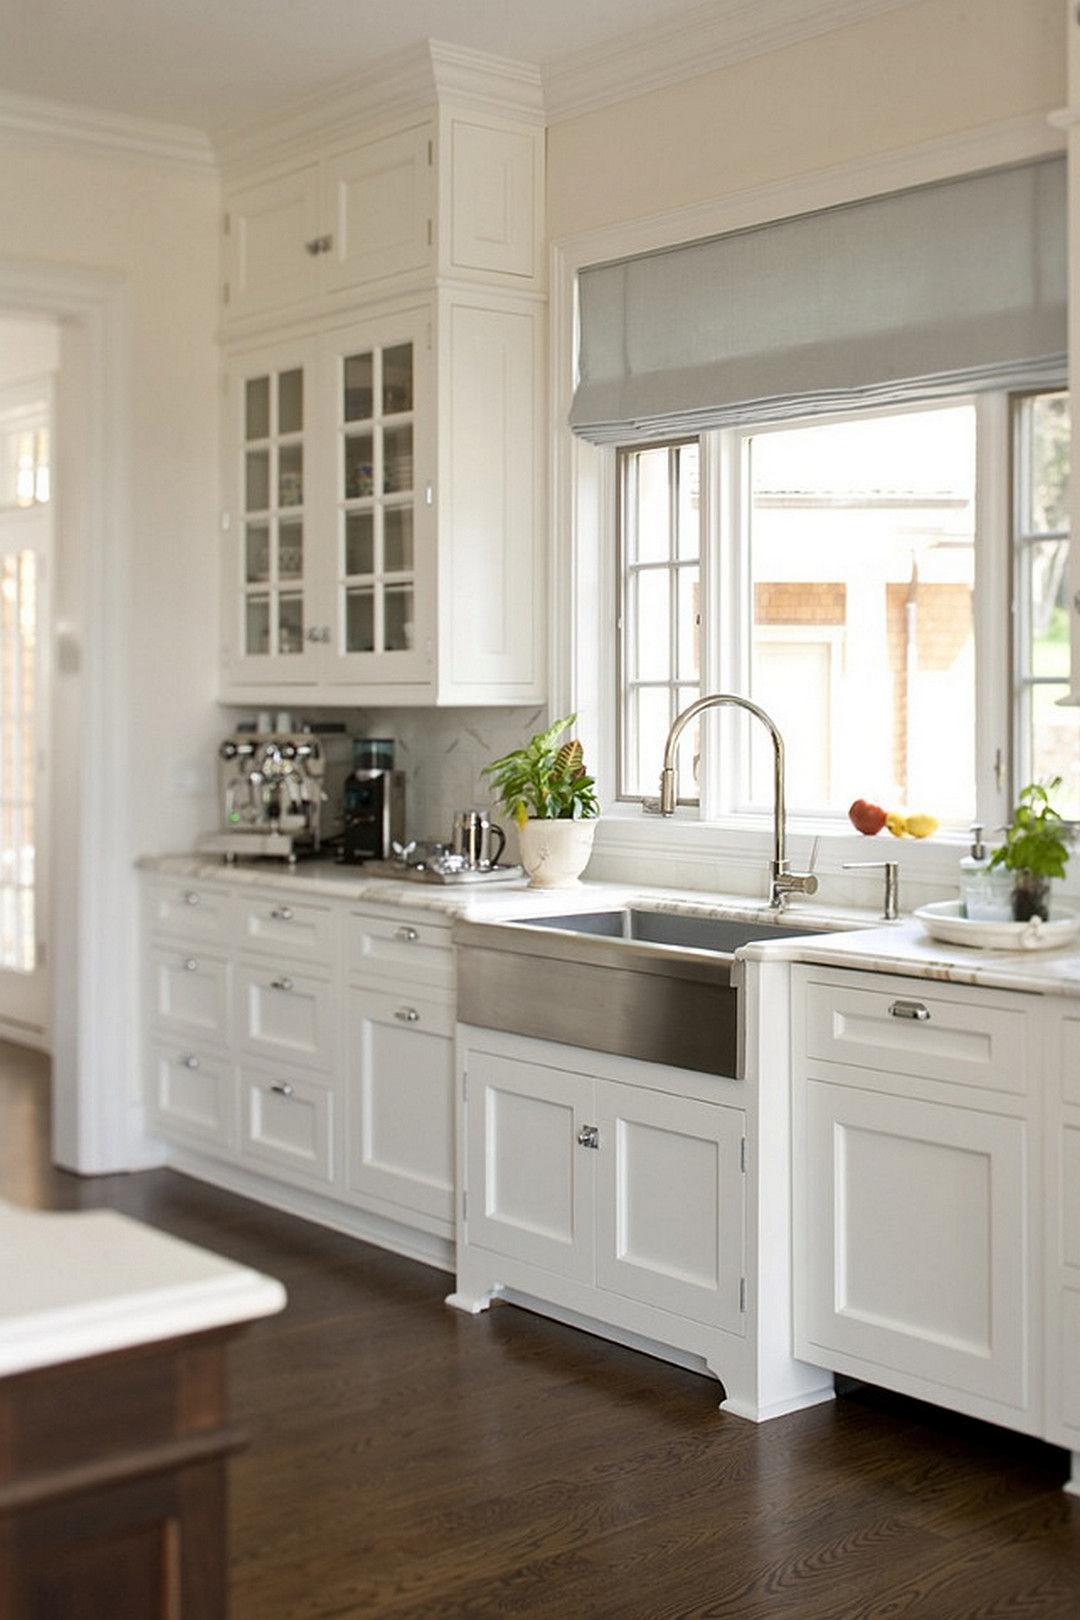 53 Pretty White Kitchen Design Ideas Https://www.futuristarchitecture.com/